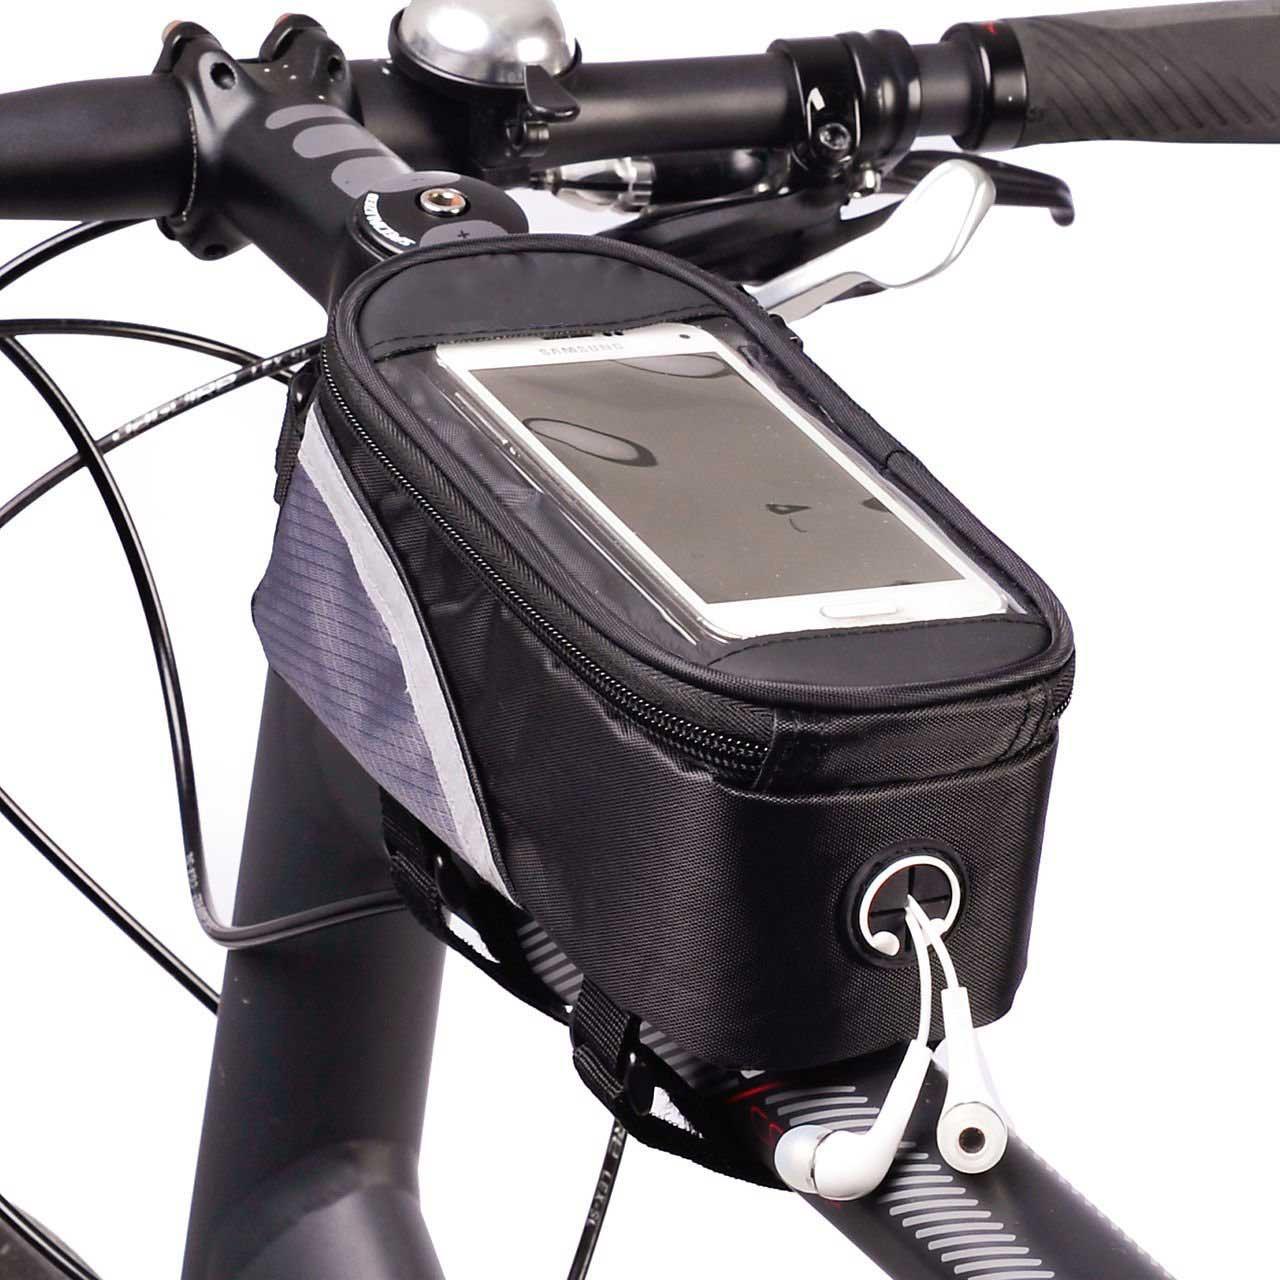 Borsa borsetta custodia touchscreen porta cellulare - Porta bici smart ...